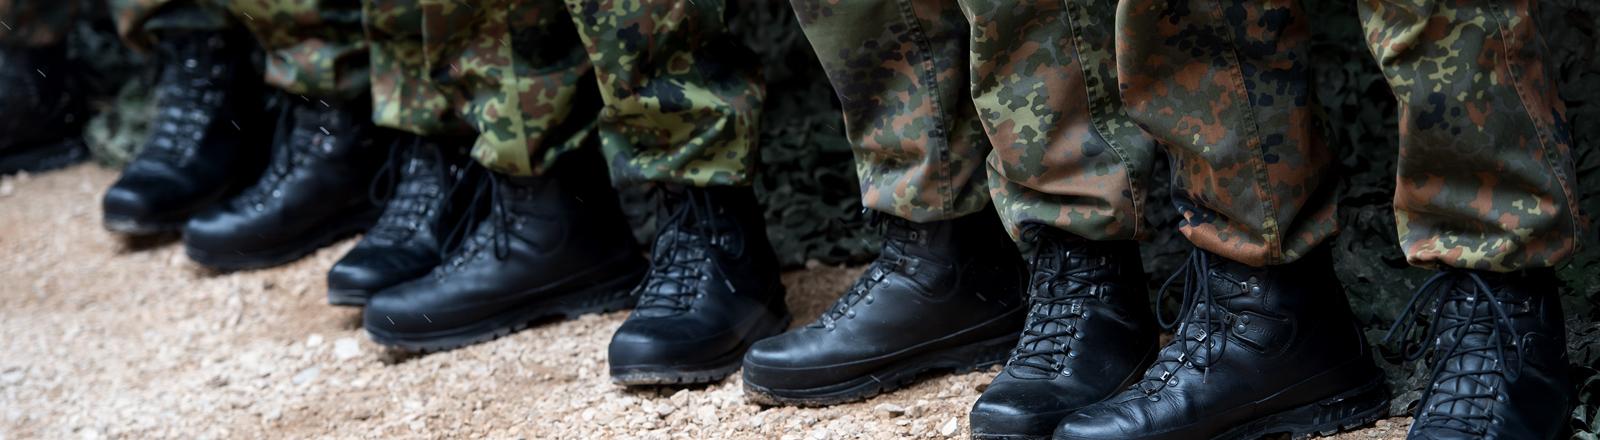 Stiefel von Bundeswehr-Soldaten